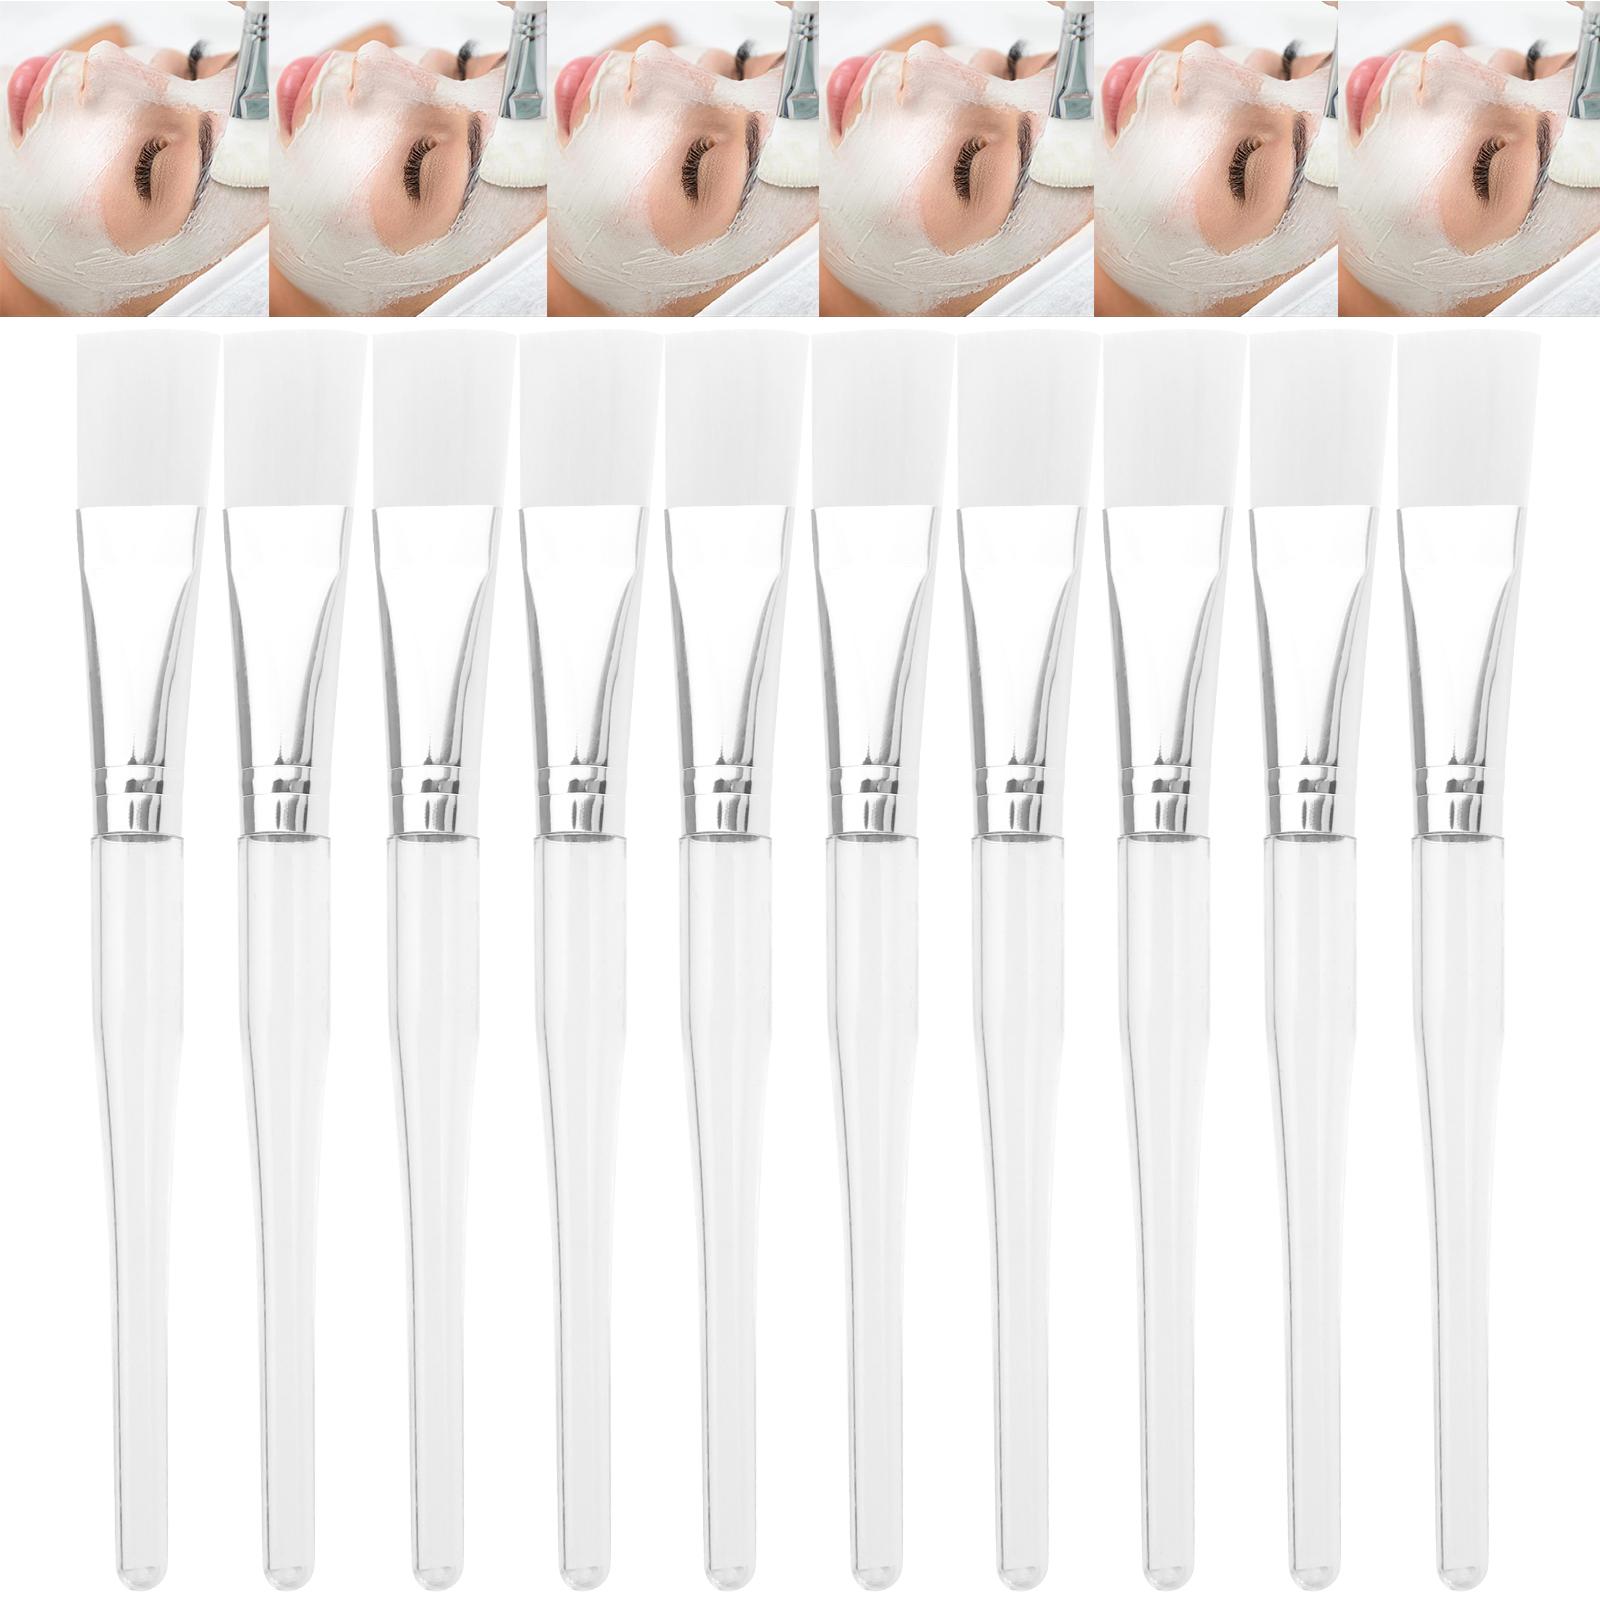 10Pcs Soft Facial Face Mask Mud Mixing Brush Skin Care Beauty Makeup DIY Tool 1